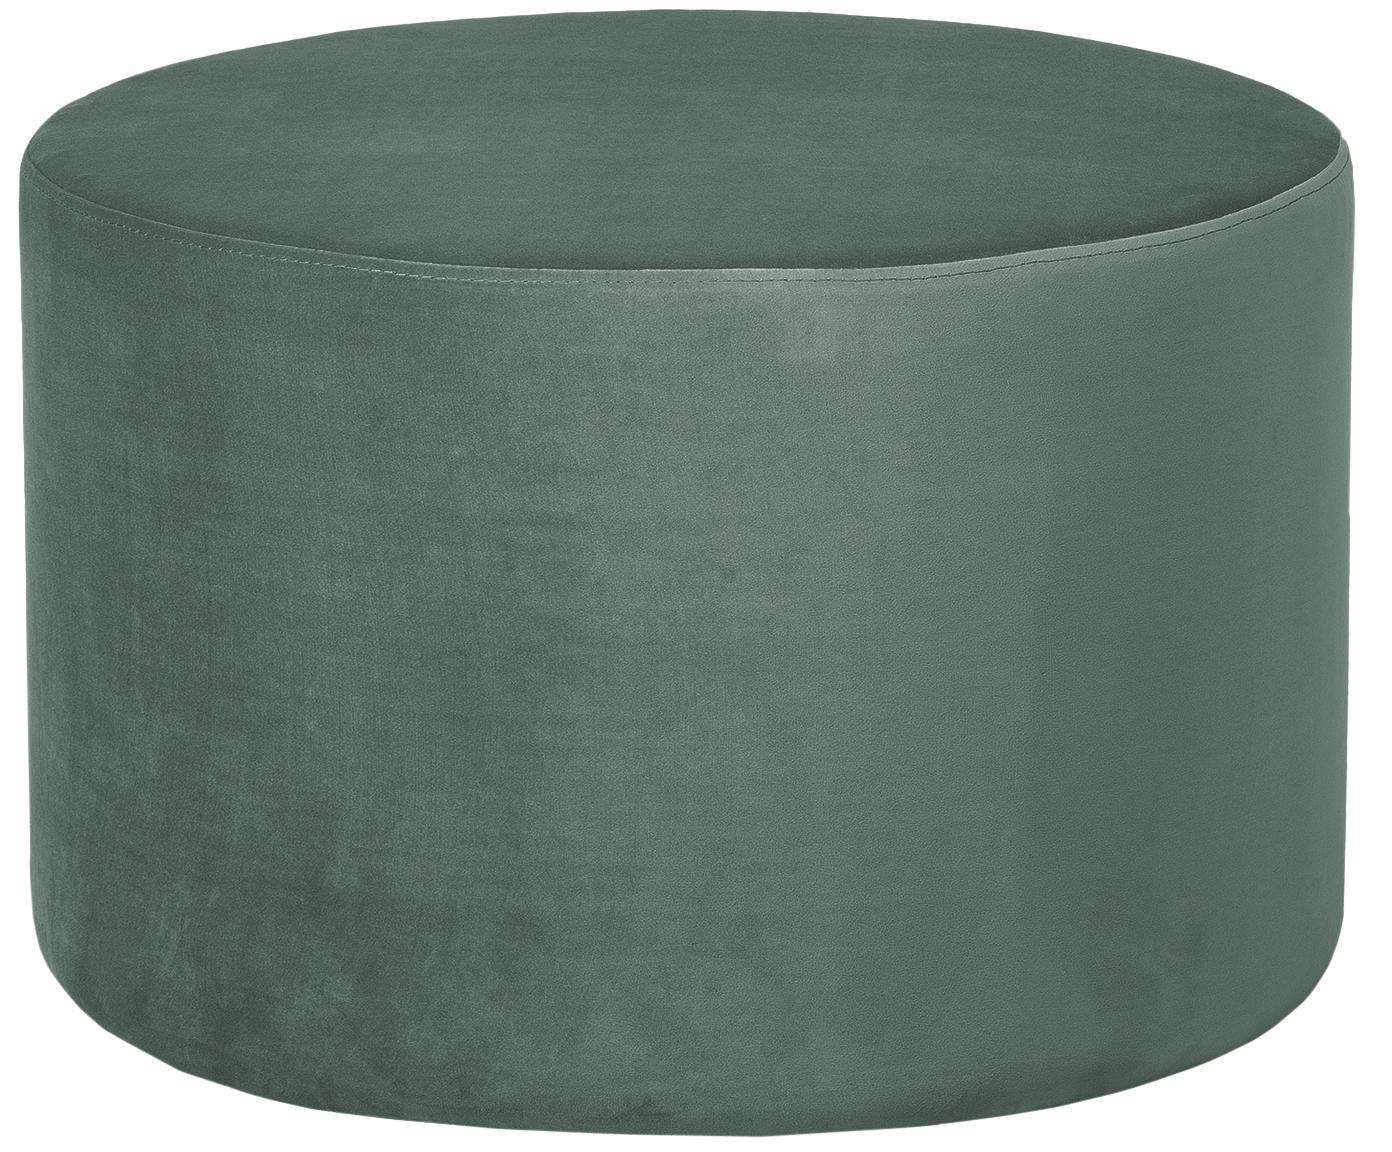 Pouf in velluto Daisy, Rivestimento: velluto (poliestere), Struttura: fibra a media densità, Verde chiaro, Ø 62 x Alt. 41 cm